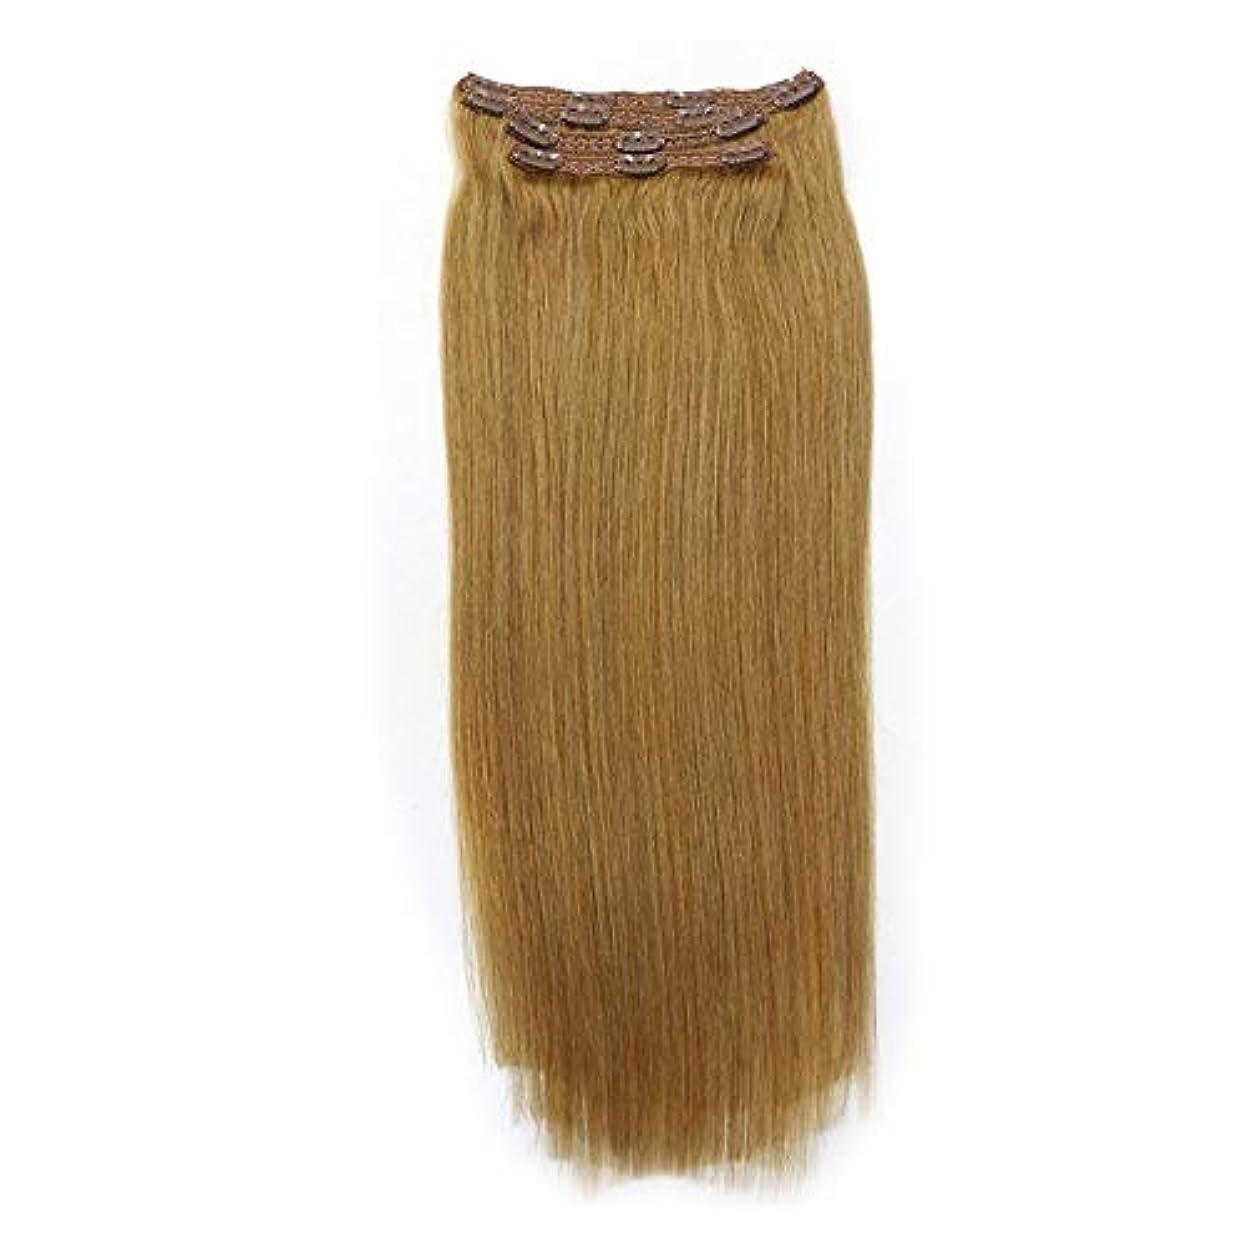 打倒溶けたピンポイントWASAIO ノーマルRealフル?ヘッドのヘアエクステンションクリップ裏地なし髪型ダブル横糸レミー人間のクリップ8個なめらかな (色 : ブラウン, サイズ : 28 inch)